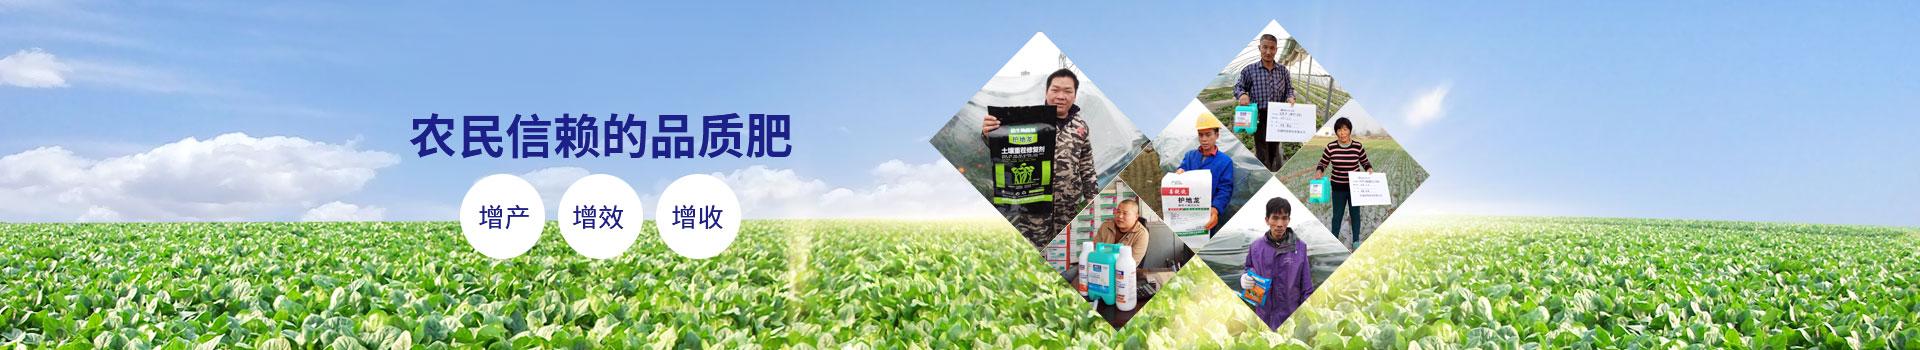 稼乐夫,农民信赖的品质肥